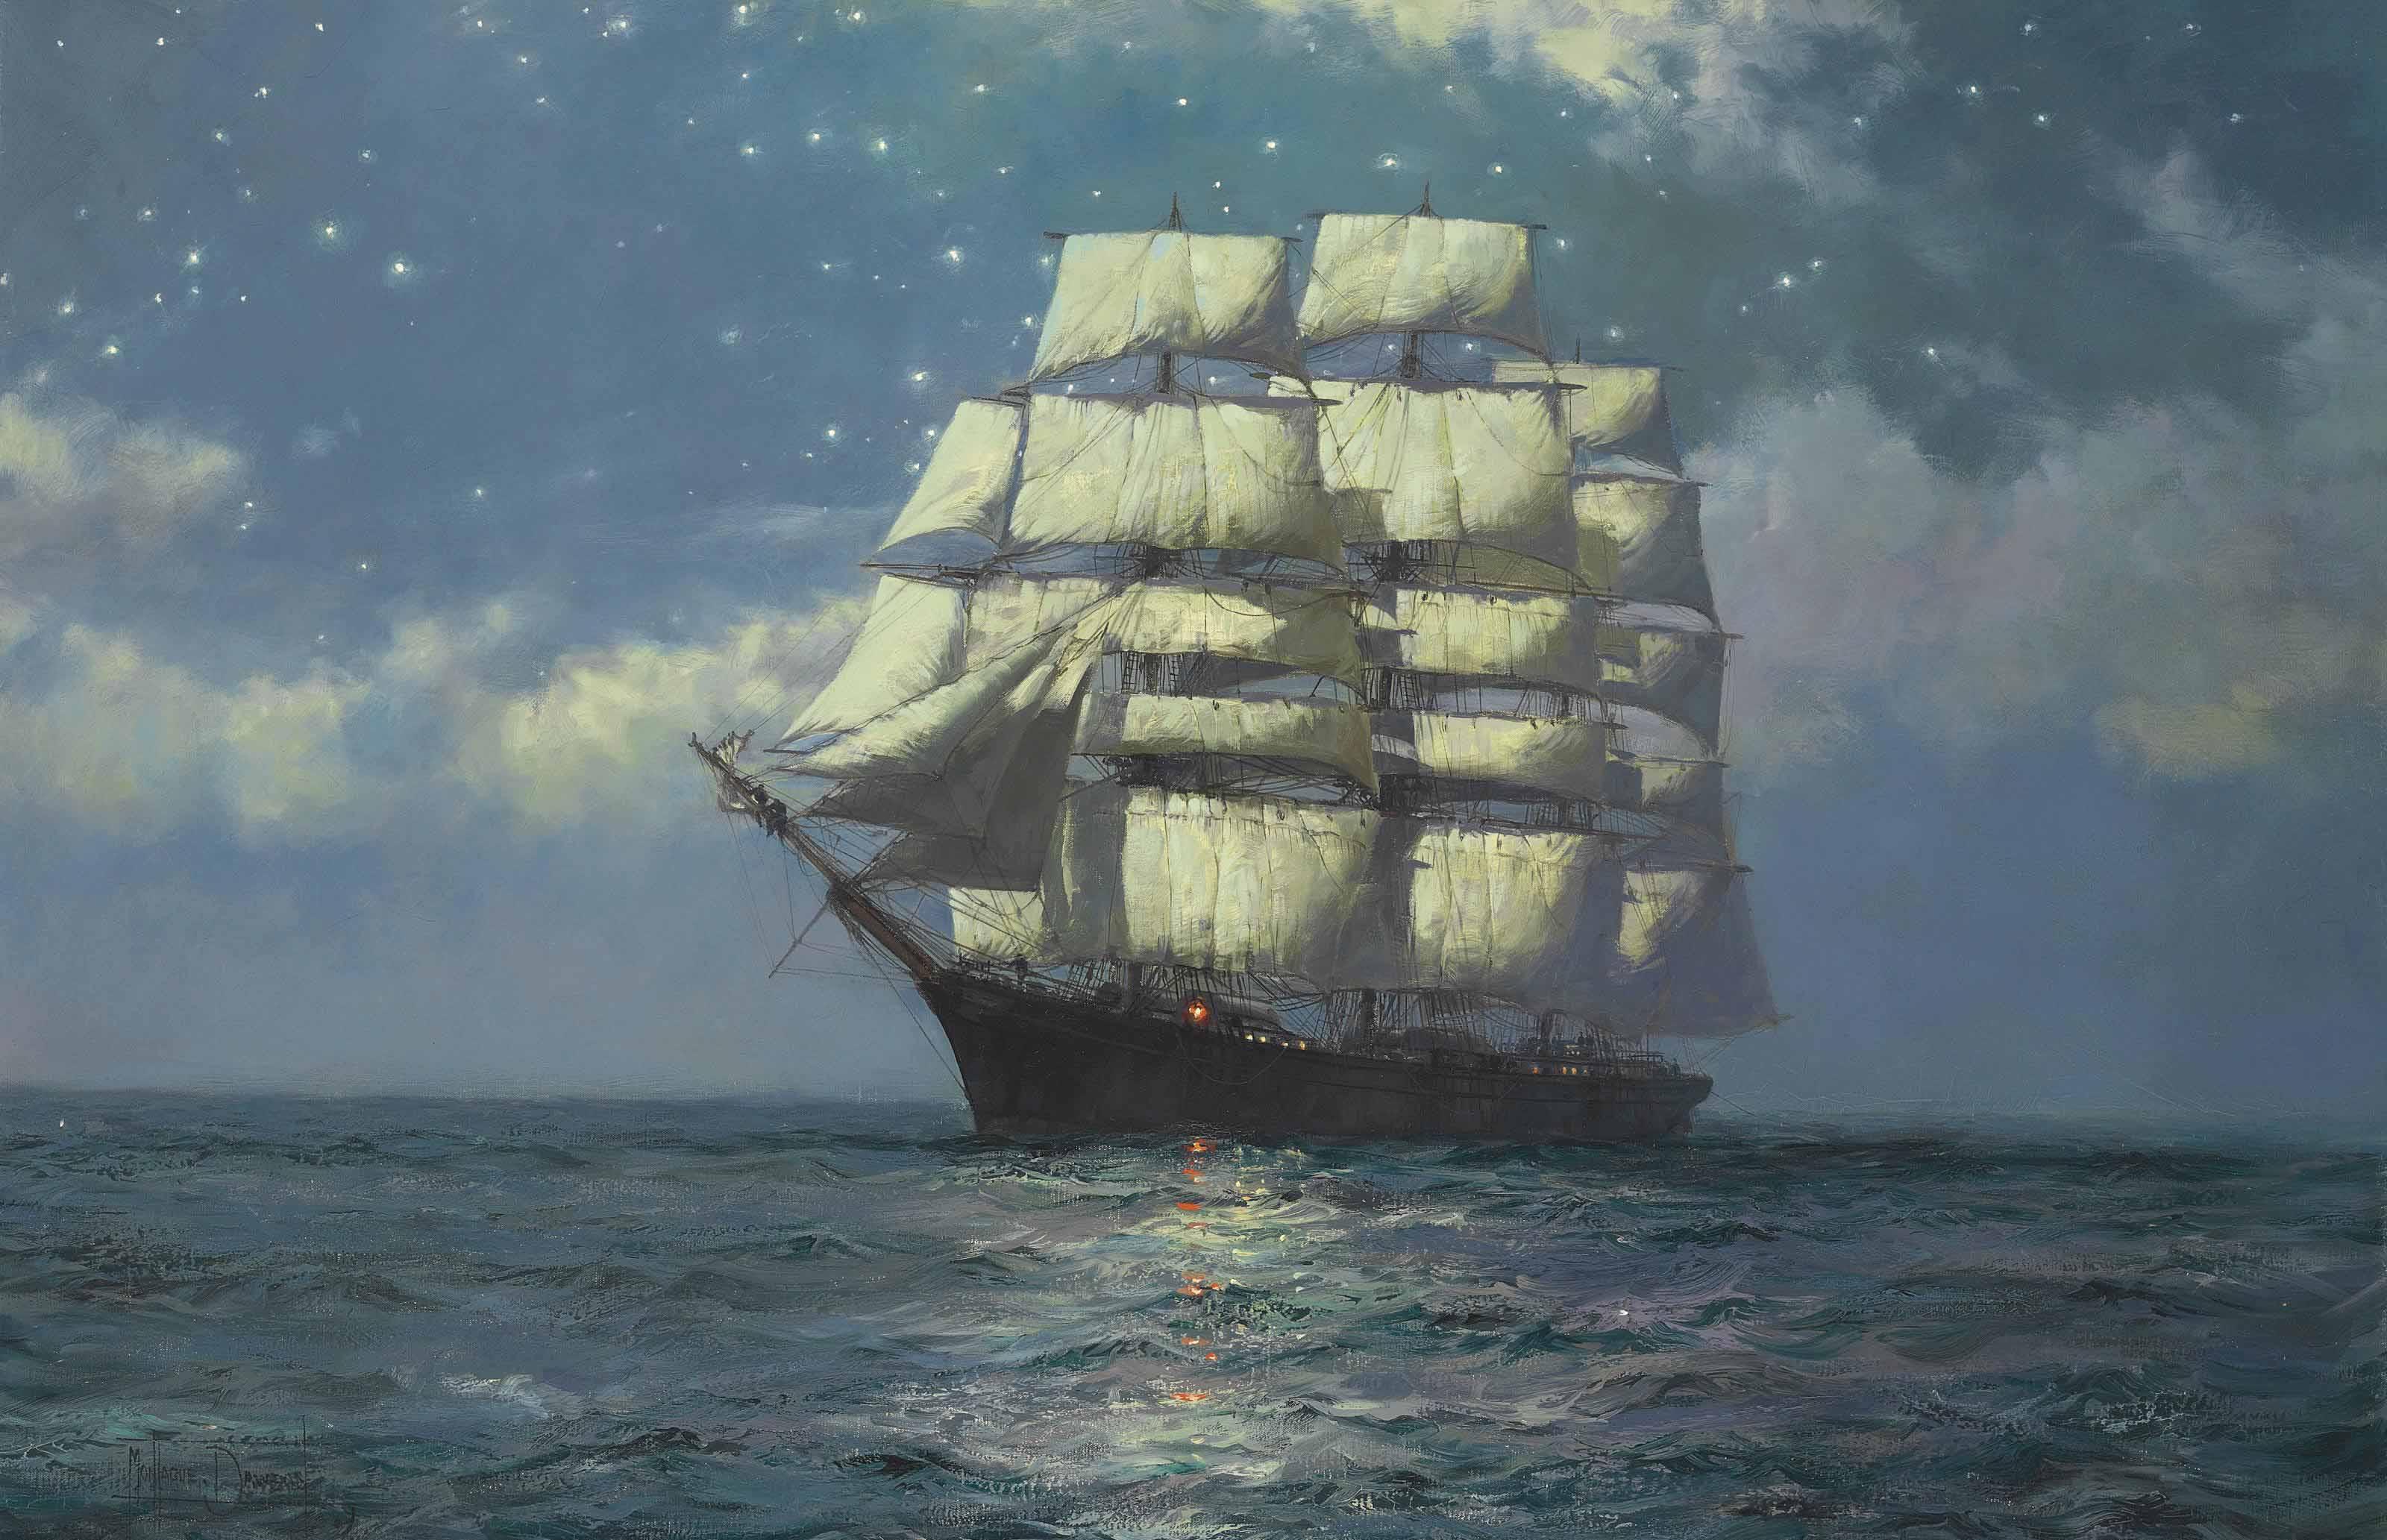 A Clipper Ship in a Moonlit Sea